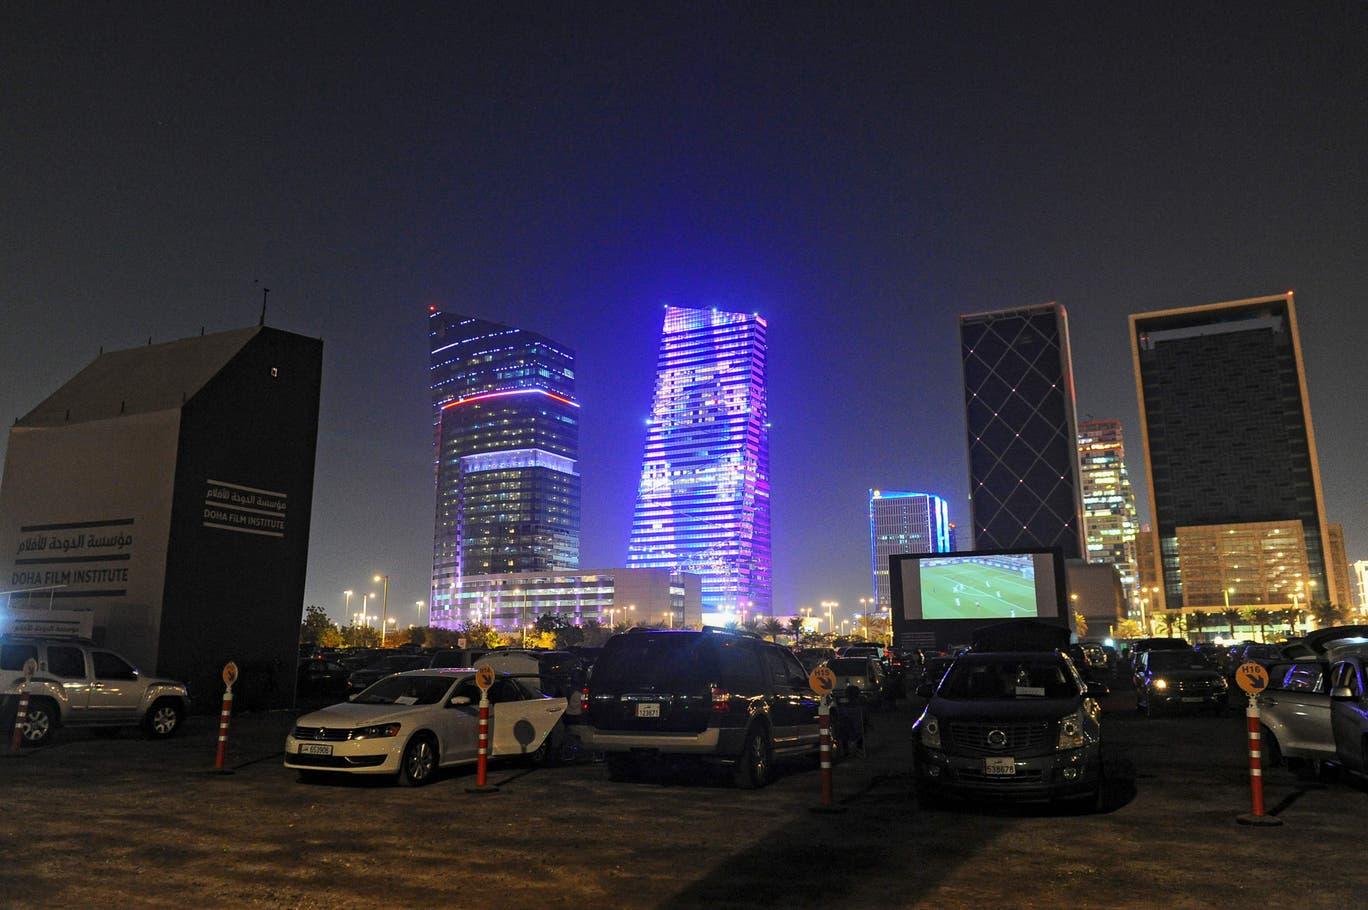 مشجعون يتابعون مباراة لكرة القدم في الهواء الطلق في الدوحة (أ ف ب وغيتي)